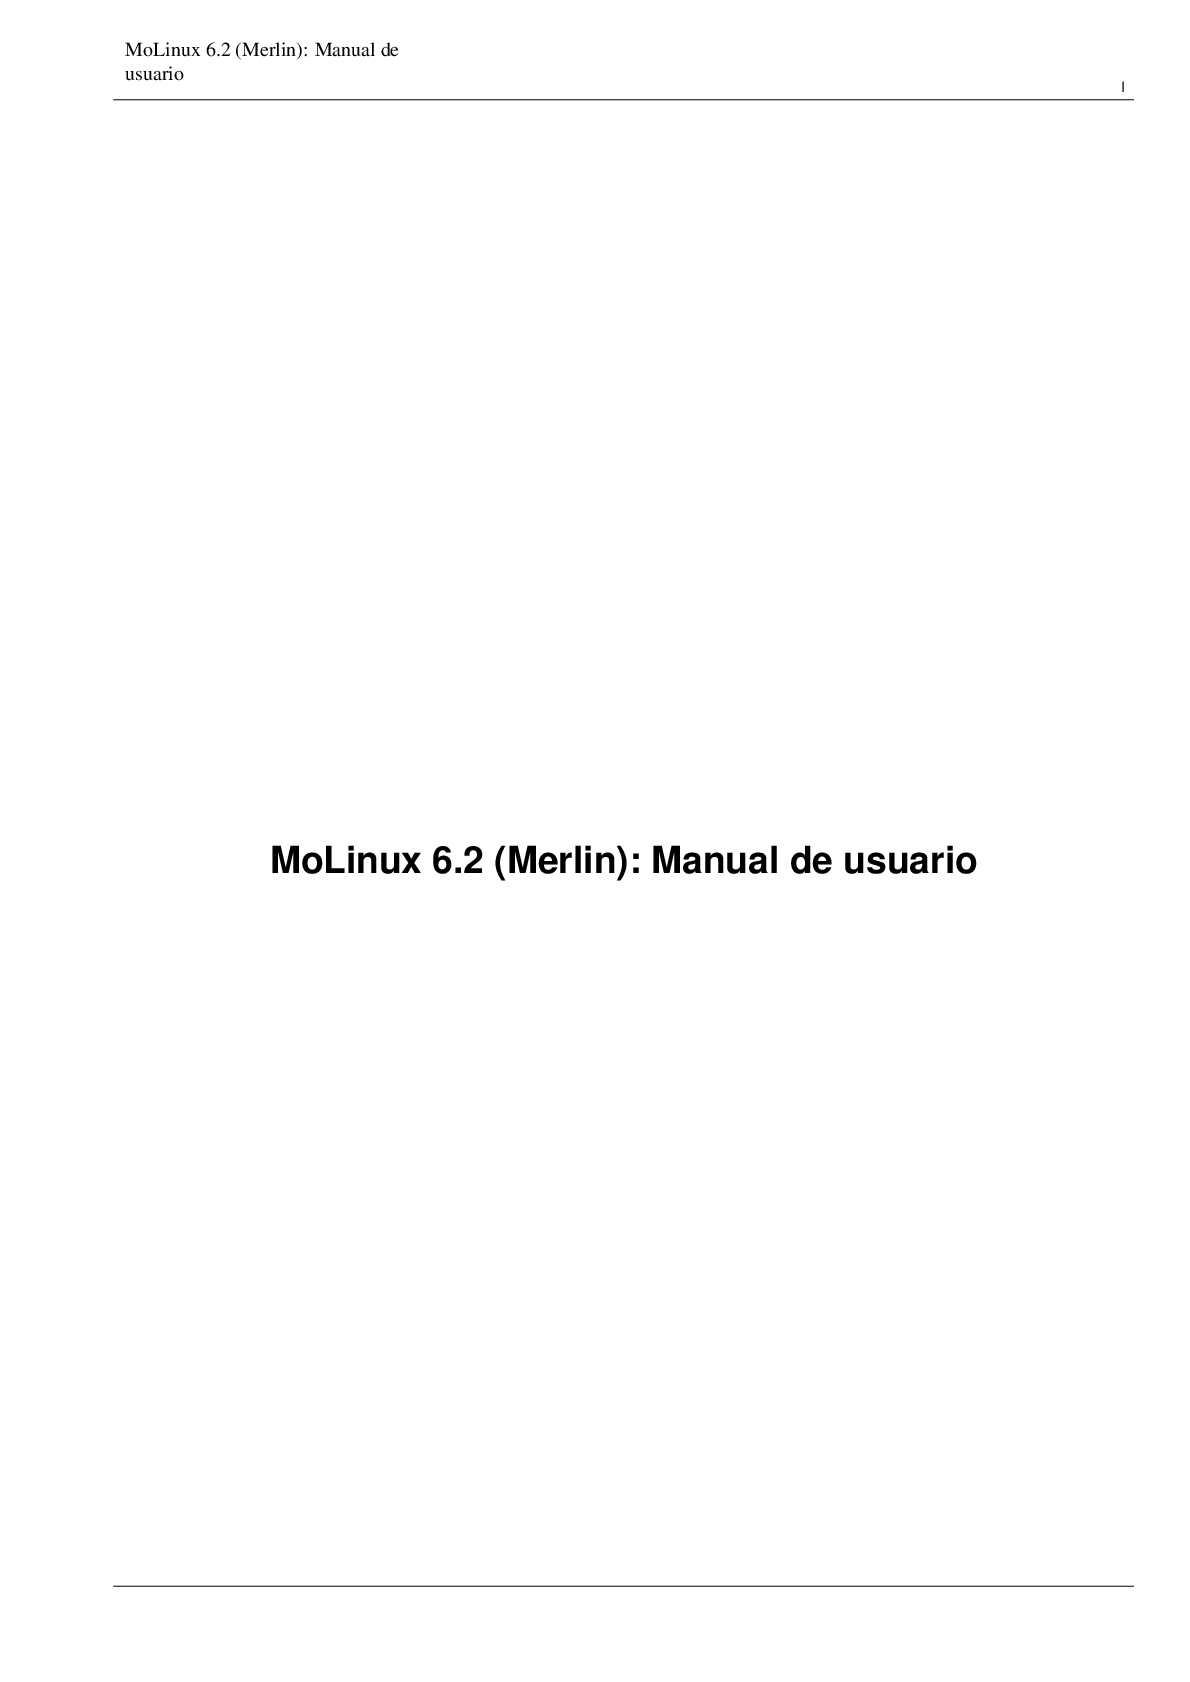 Calaméo - MANUAL DE USUARIO MOLINUX MERLIN. ASOVIALBA.